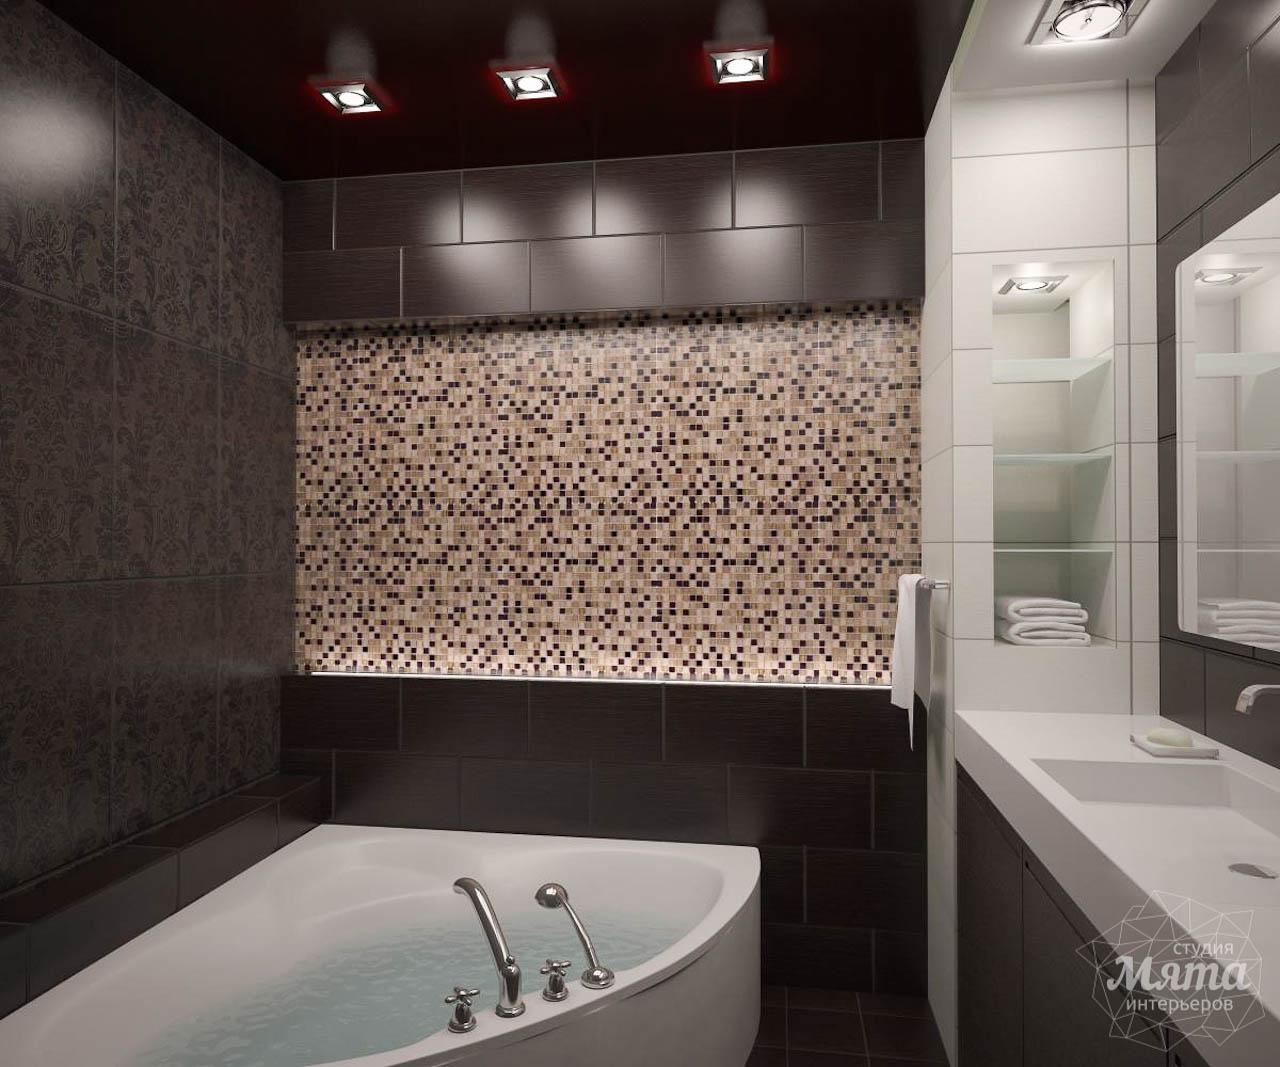 Дизайн интерьера однокомнатной квартиры по ул. Посадская 34 img530833657